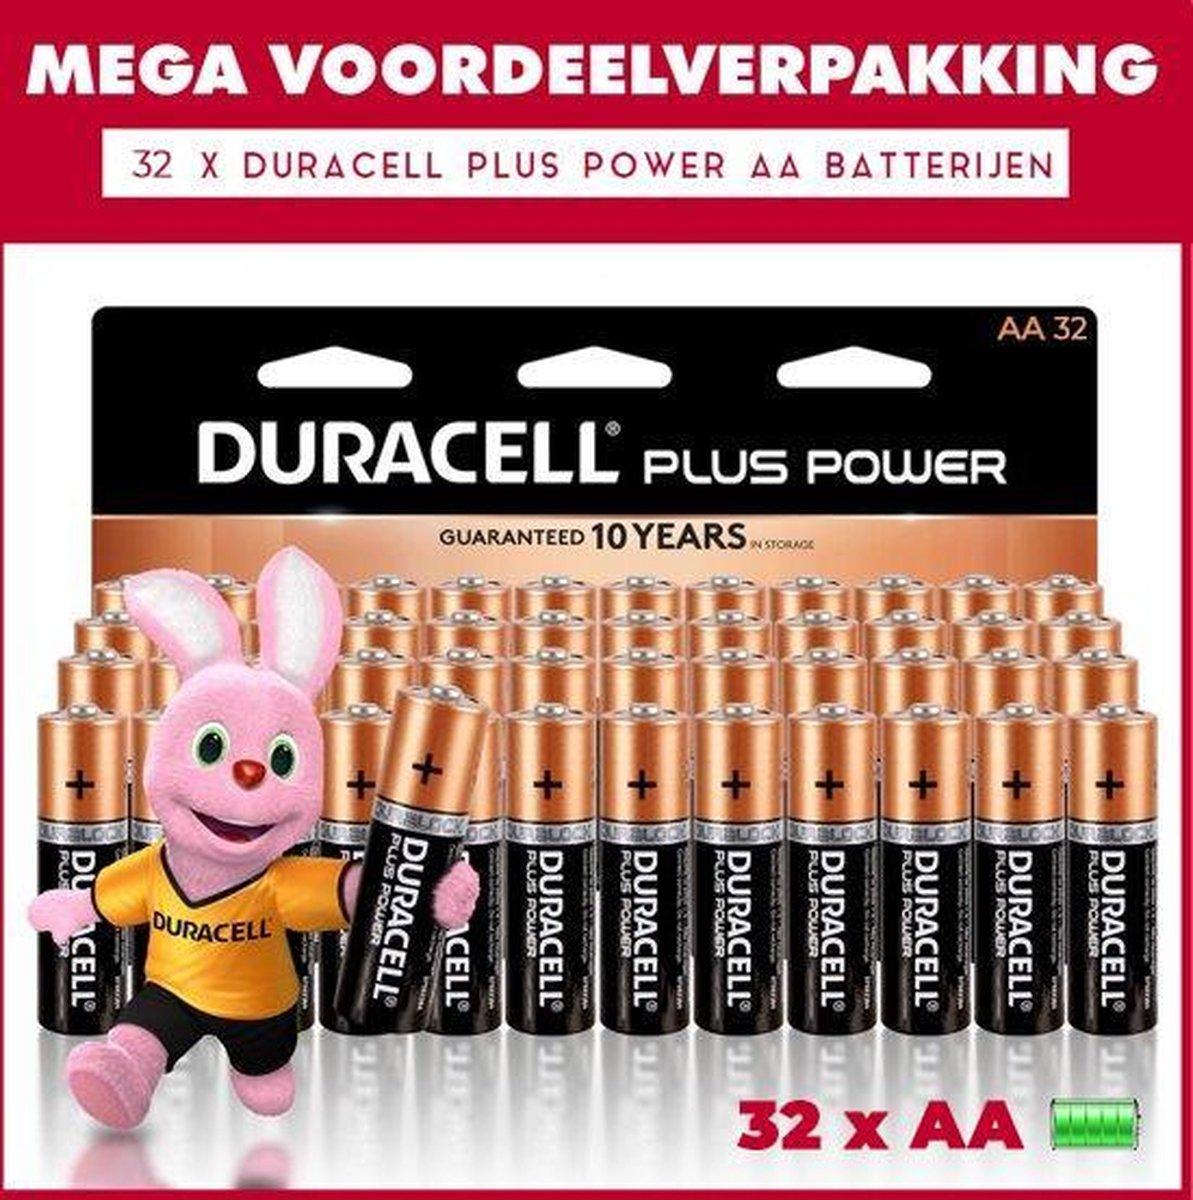 32 x Duracell AA Plus Power - Voordeelverpakking - 32 x AA batterijen